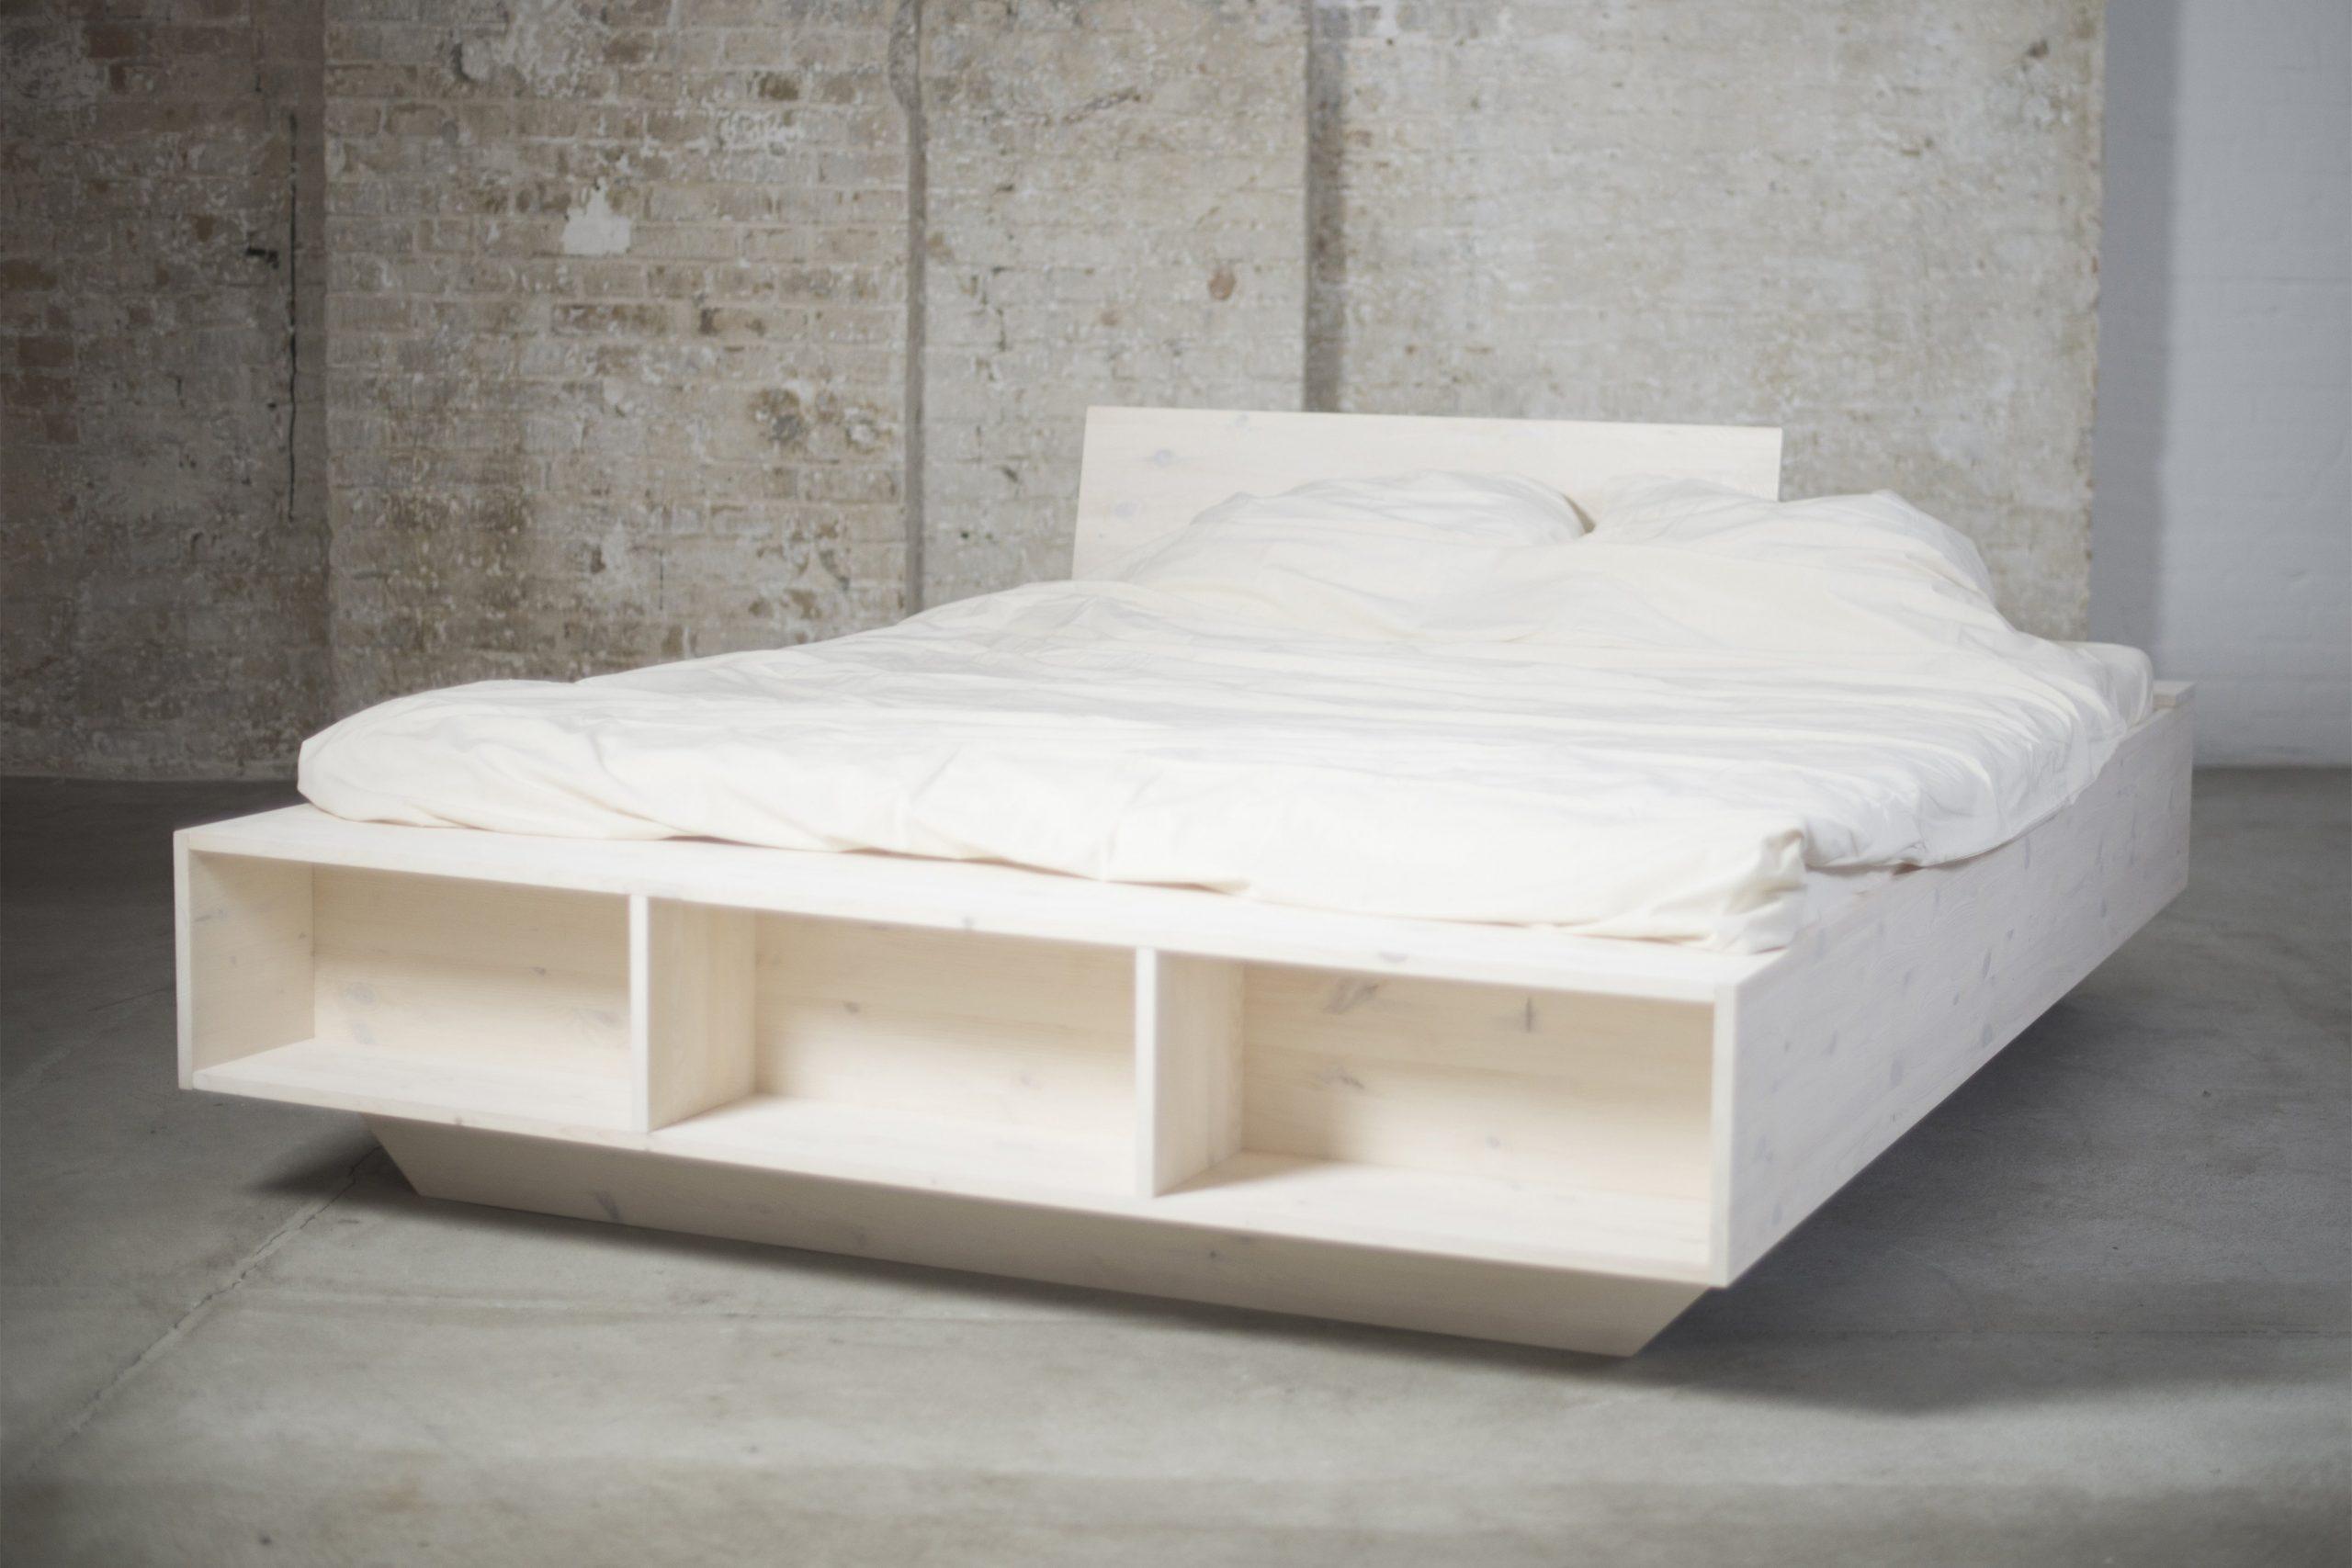 Full Size of Bett 120 Cm Breit Mit Schreibtisch 140x200 Betten Stauraum Sitzbank überlänge Ebay 180x200 Minimalistisch 160x200 Komplett Regal 30 Graues Aufbewahrung Weiß Bett Bett 120 Cm Breit